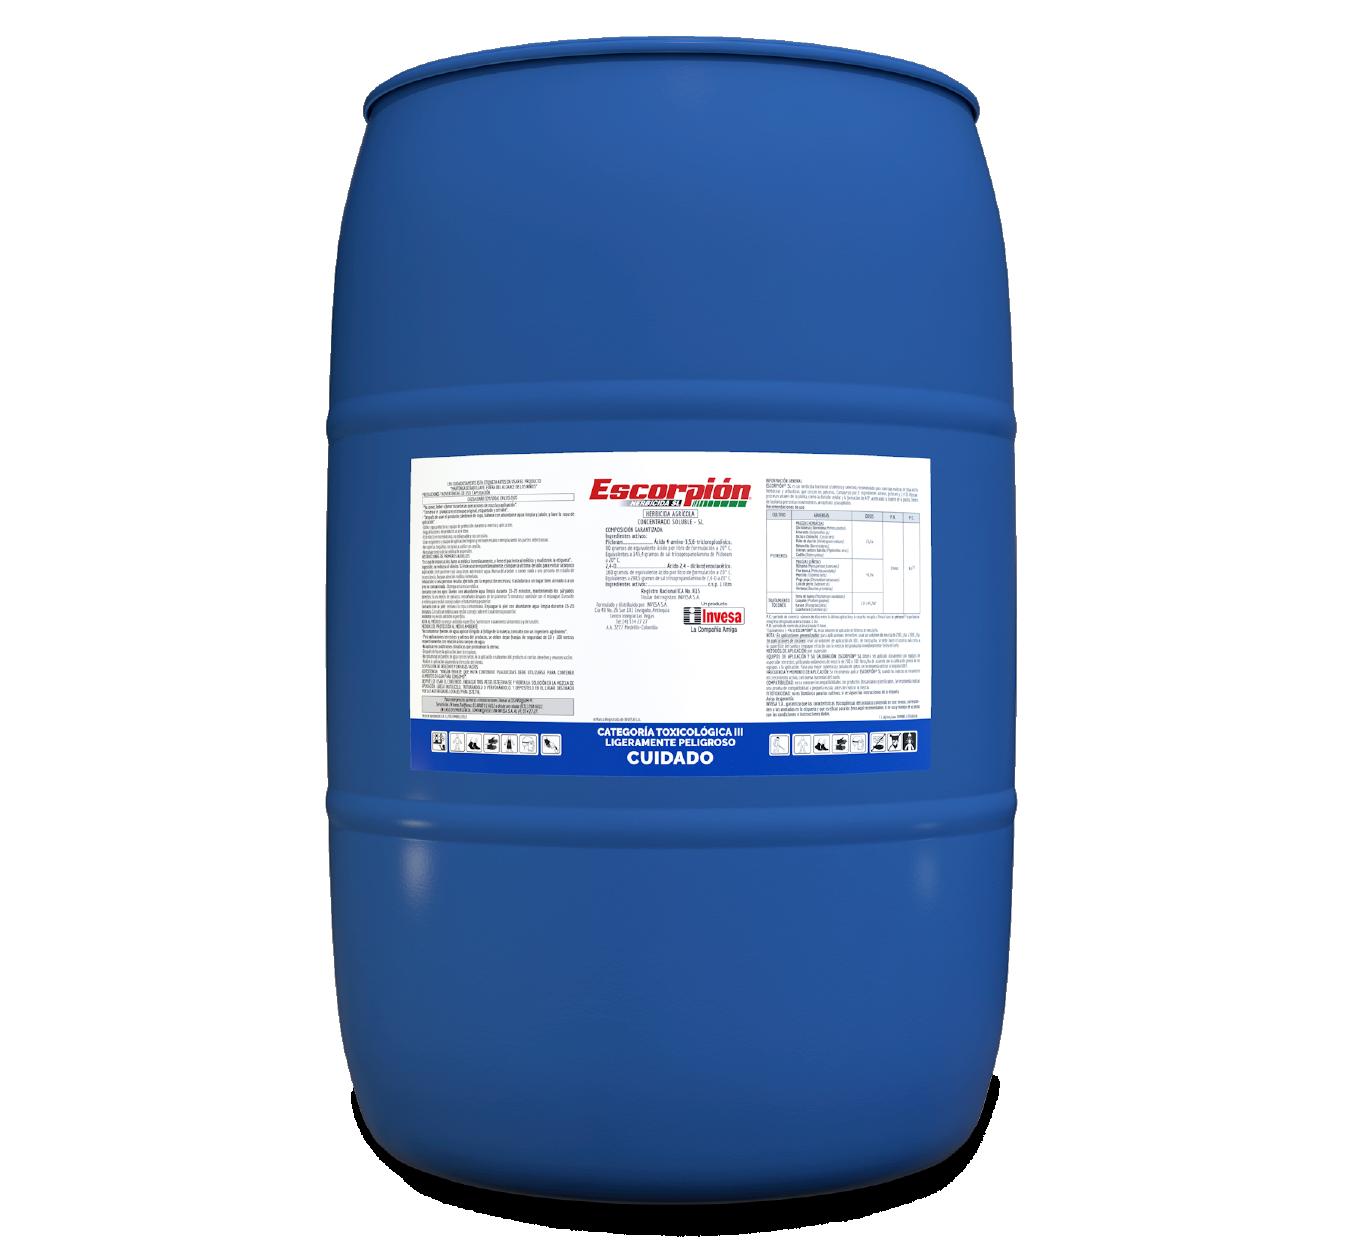 Herbicida escorpion invesa 200 litros